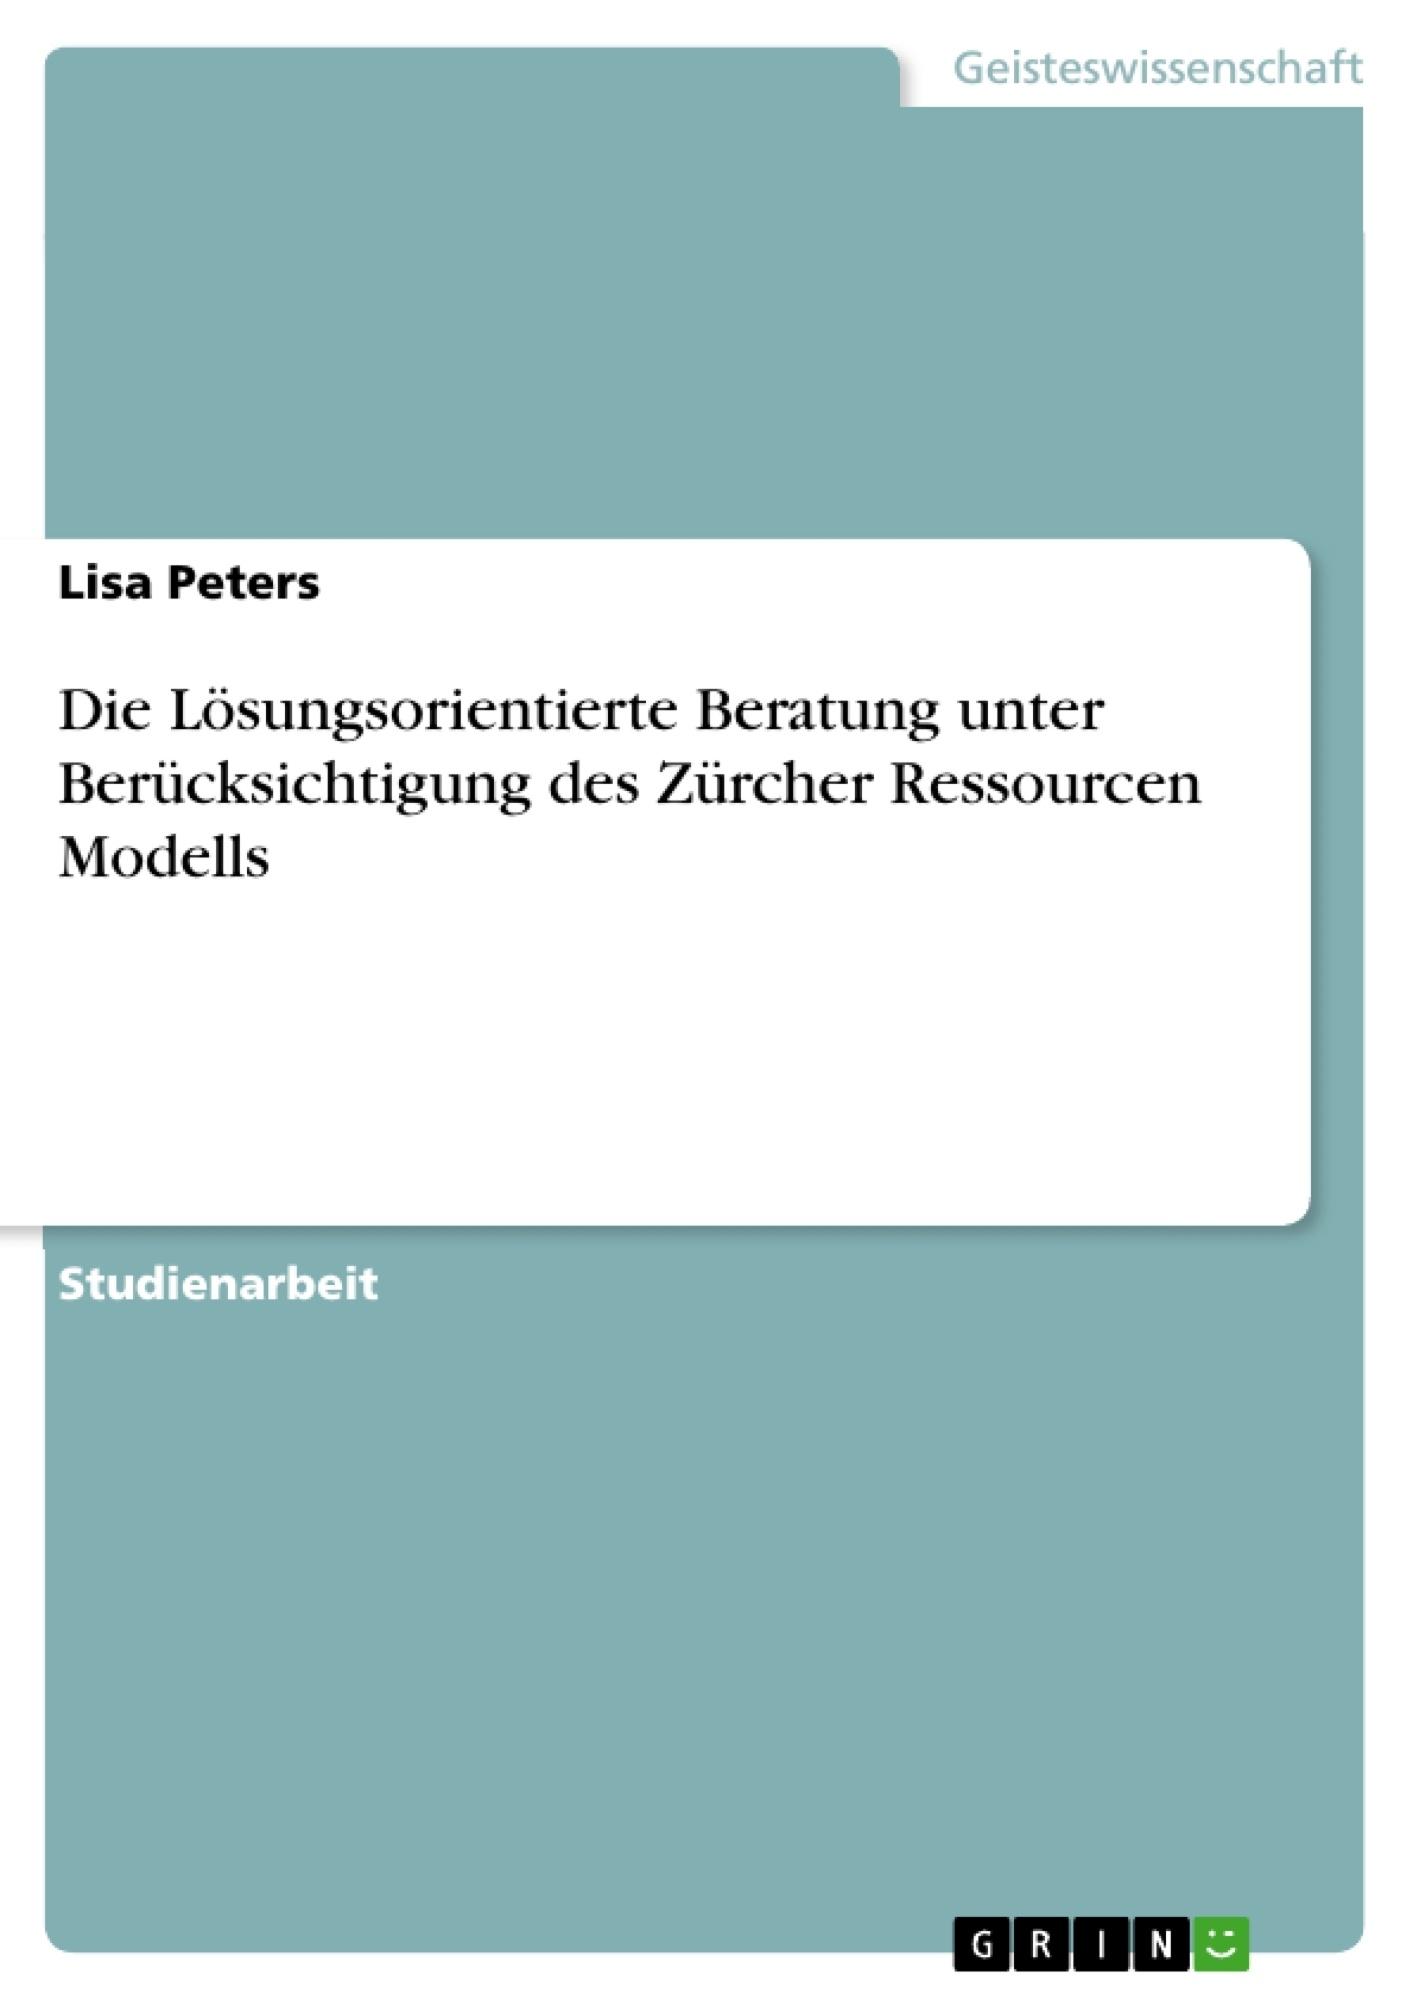 Titel: Die Lösungsorientierte Beratung unter Berücksichtigung des Zürcher Ressourcen Modells